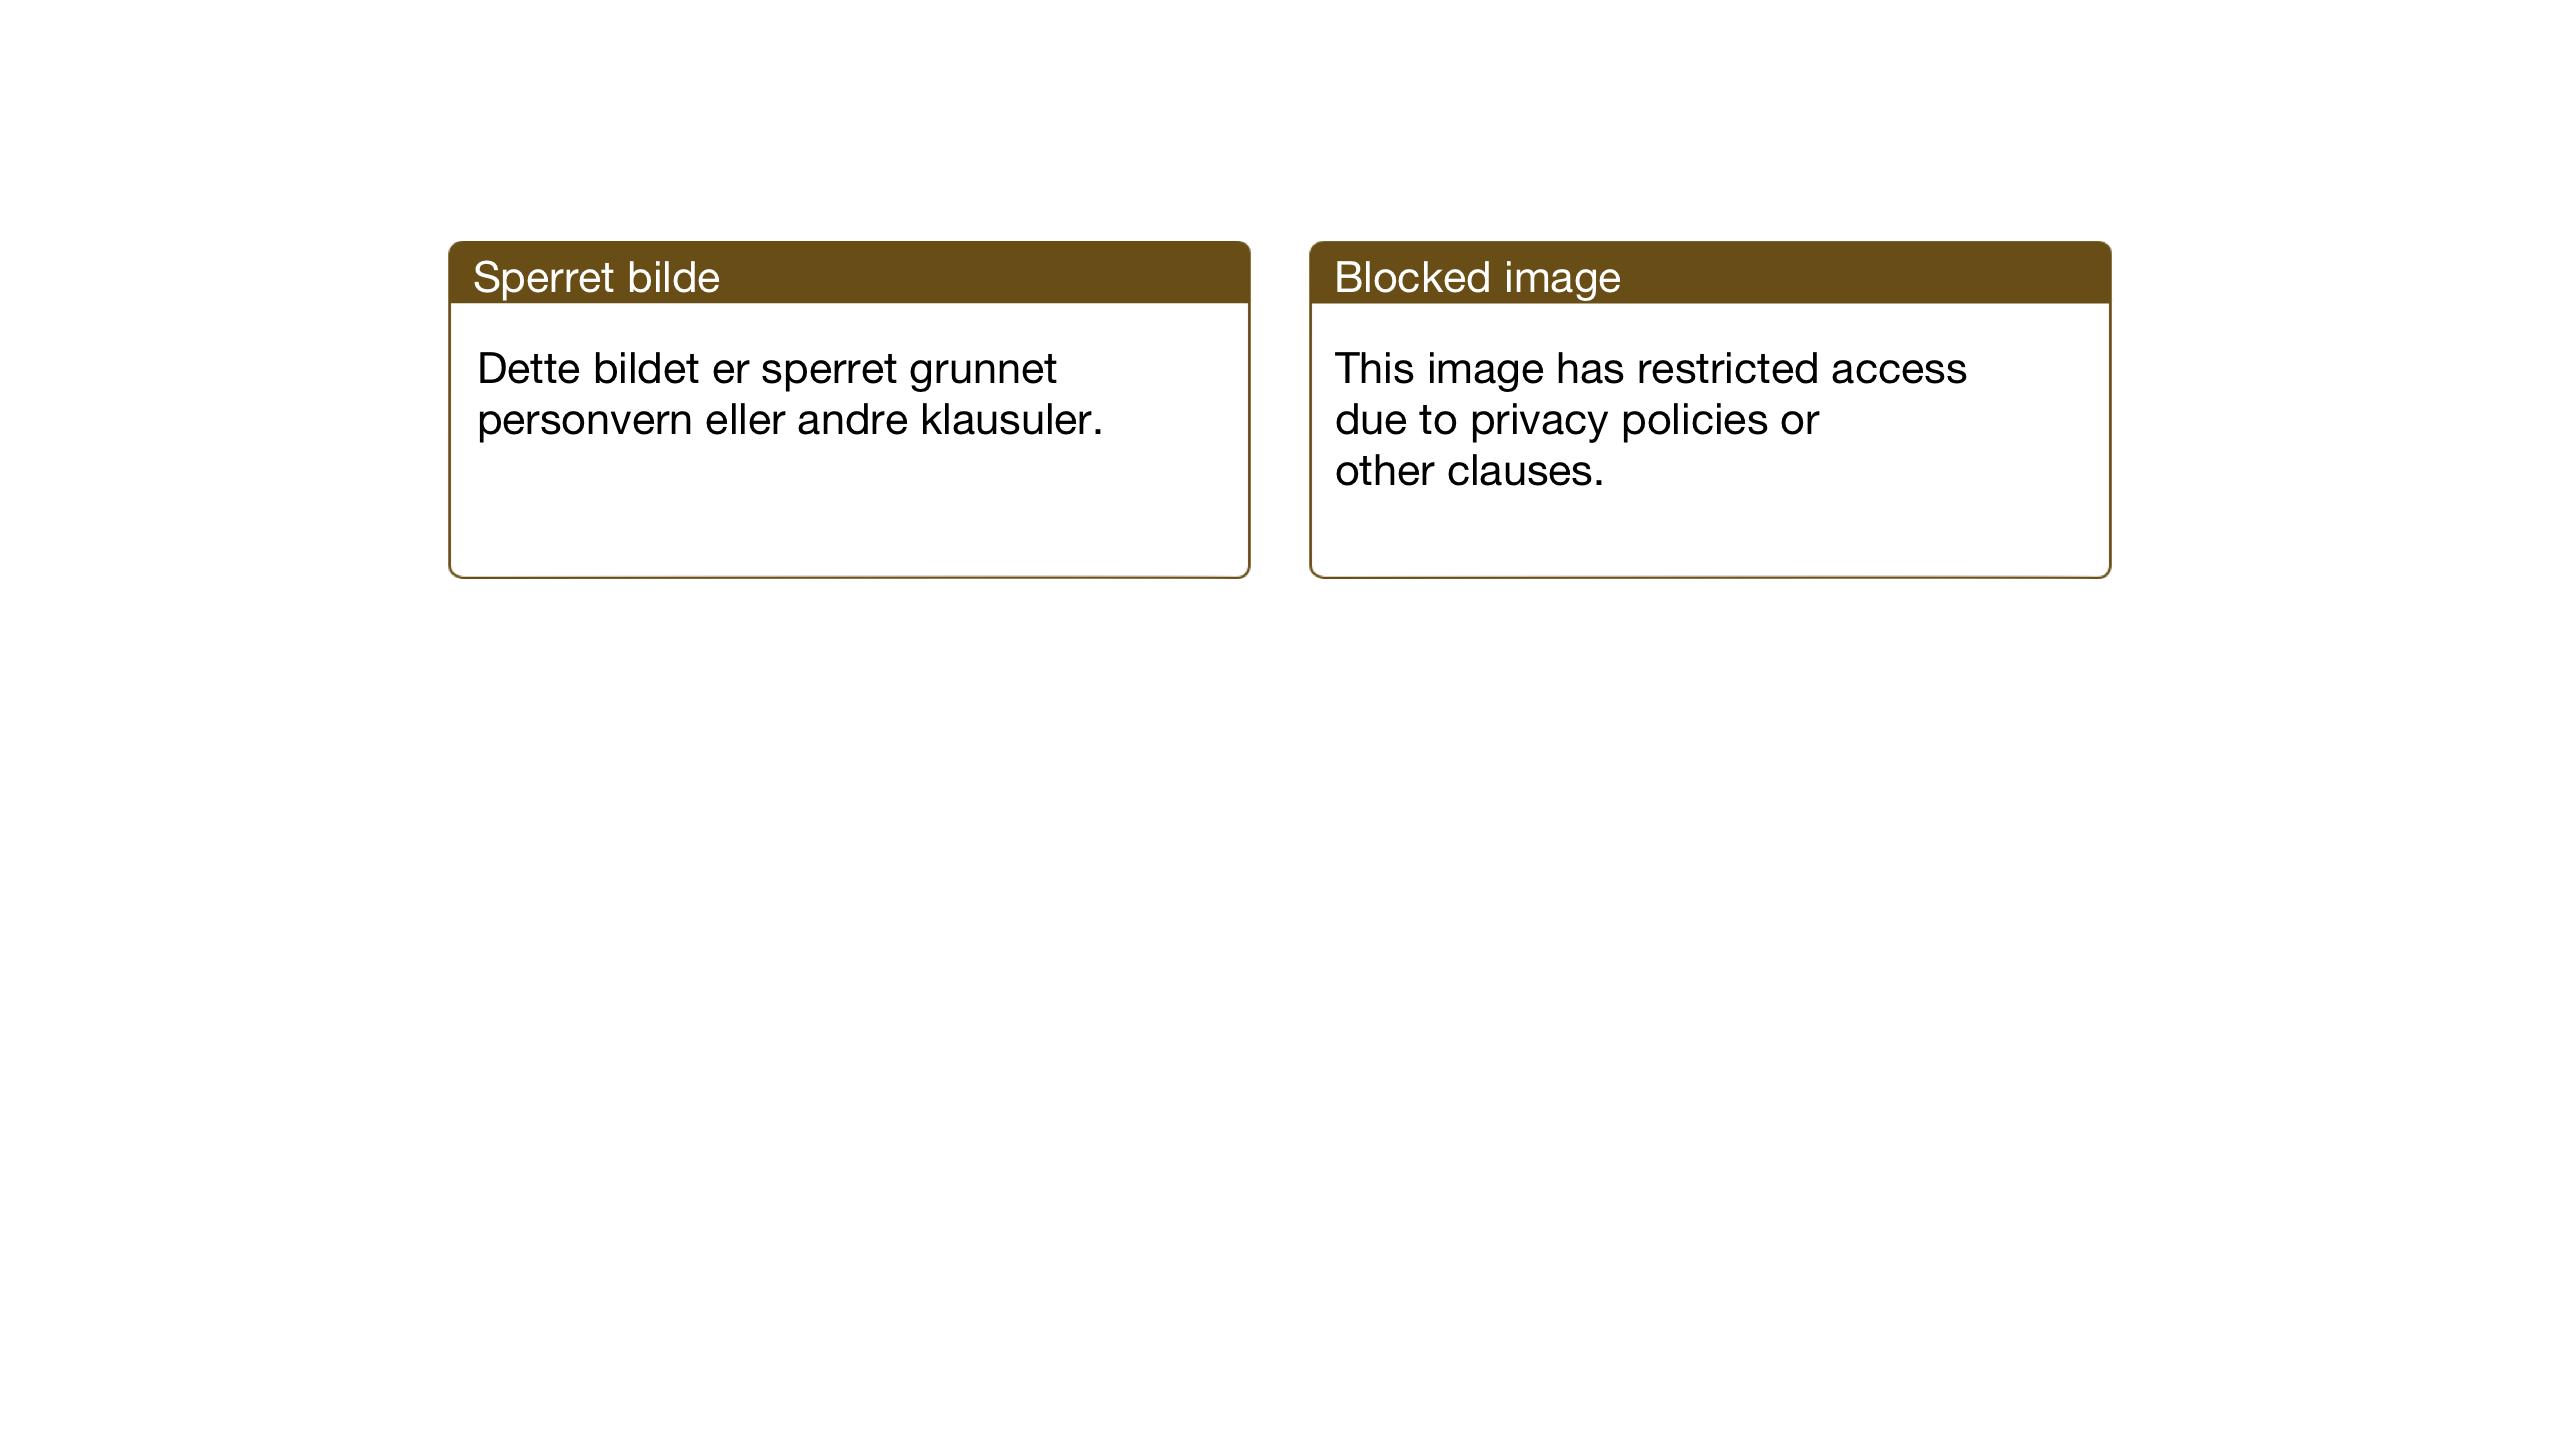 SAT, Ministerialprotokoller, klokkerbøker og fødselsregistre - Sør-Trøndelag, 605/L0248: Ministerialbok nr. 605A10, 1920-1937, s. 284